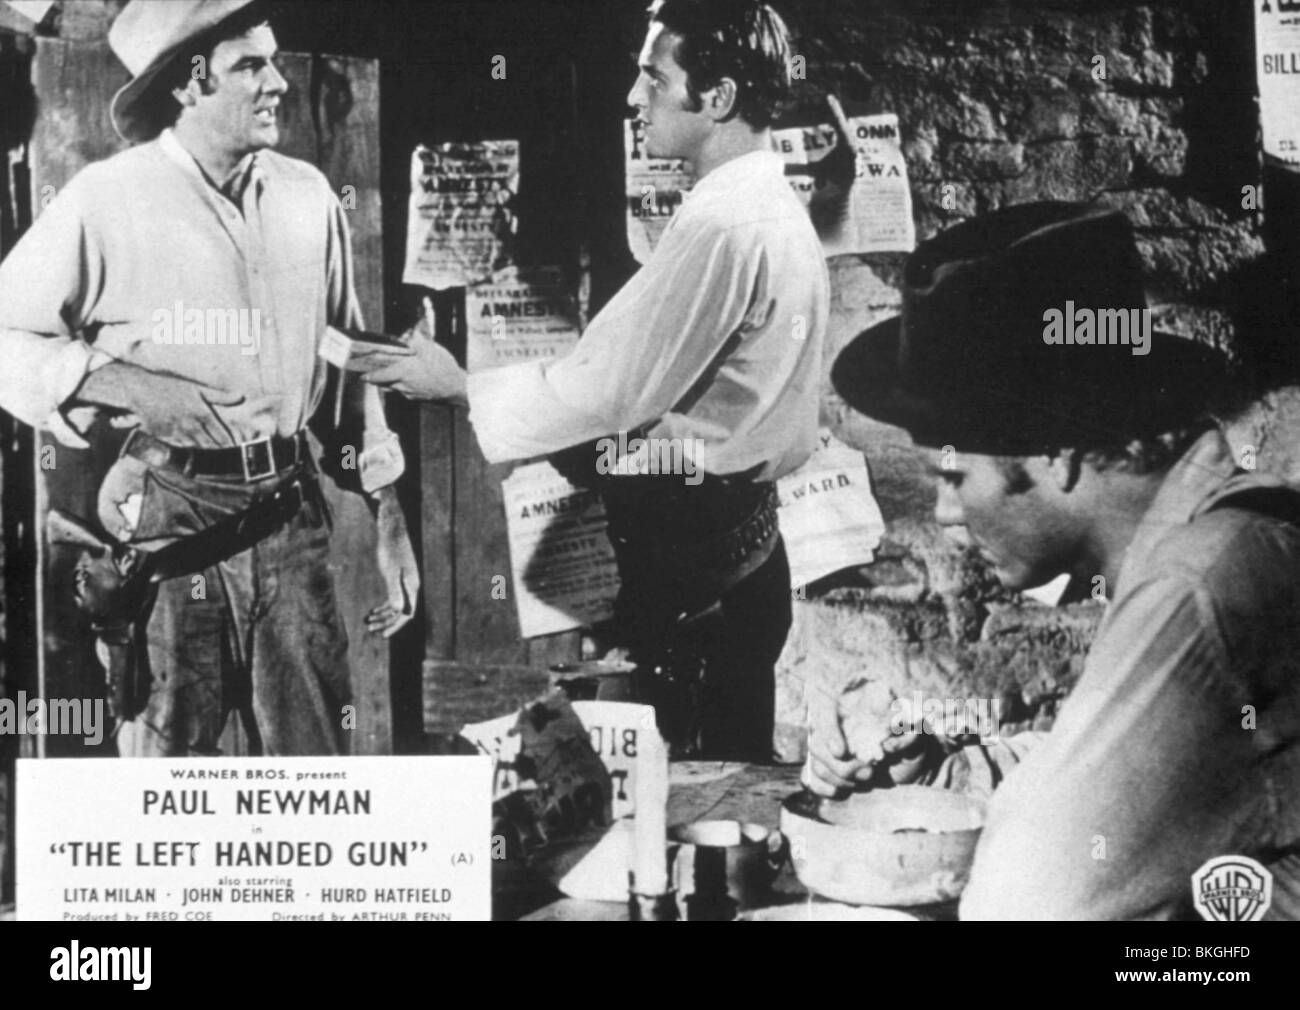 THE LEFT HANDED GUN (1958) PAUL NEWMAN TLHG 015 - Stock Image